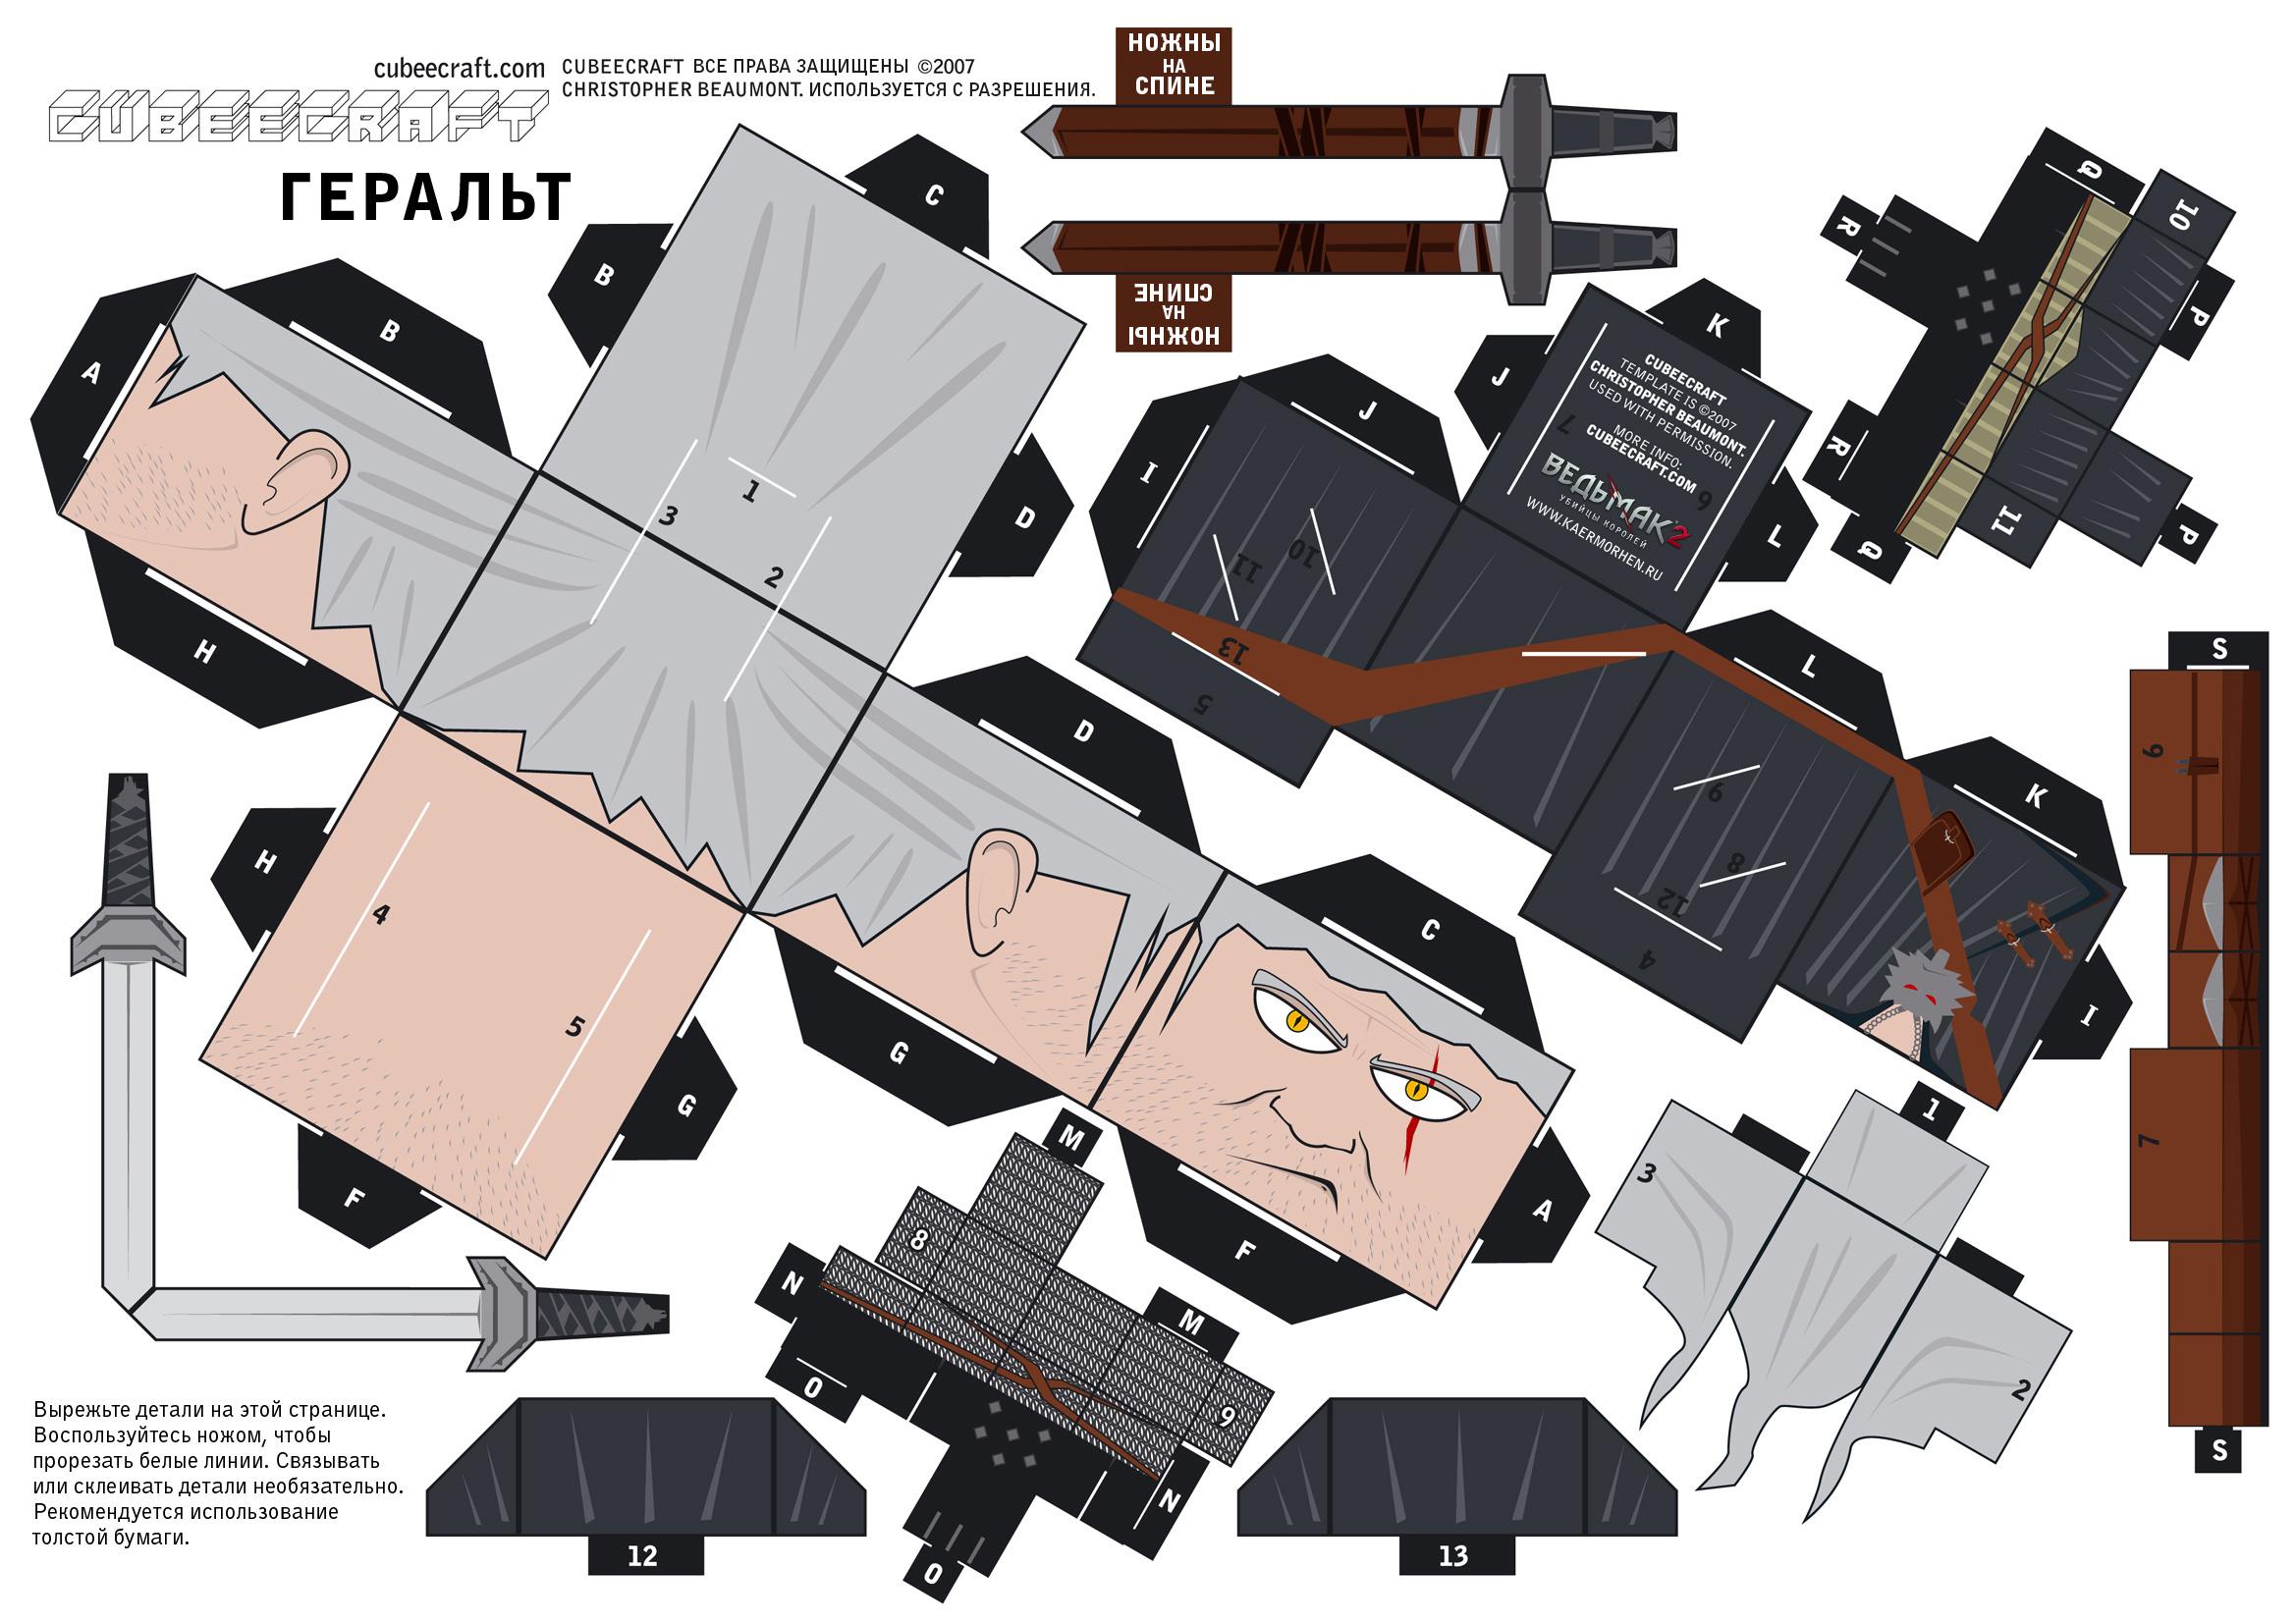 Бумажное ремесло - Геральт, палач и заключённый - Ведьмак 2: Убийцы королей - Игры - Gamer.ru: социальная сеть для геймеров